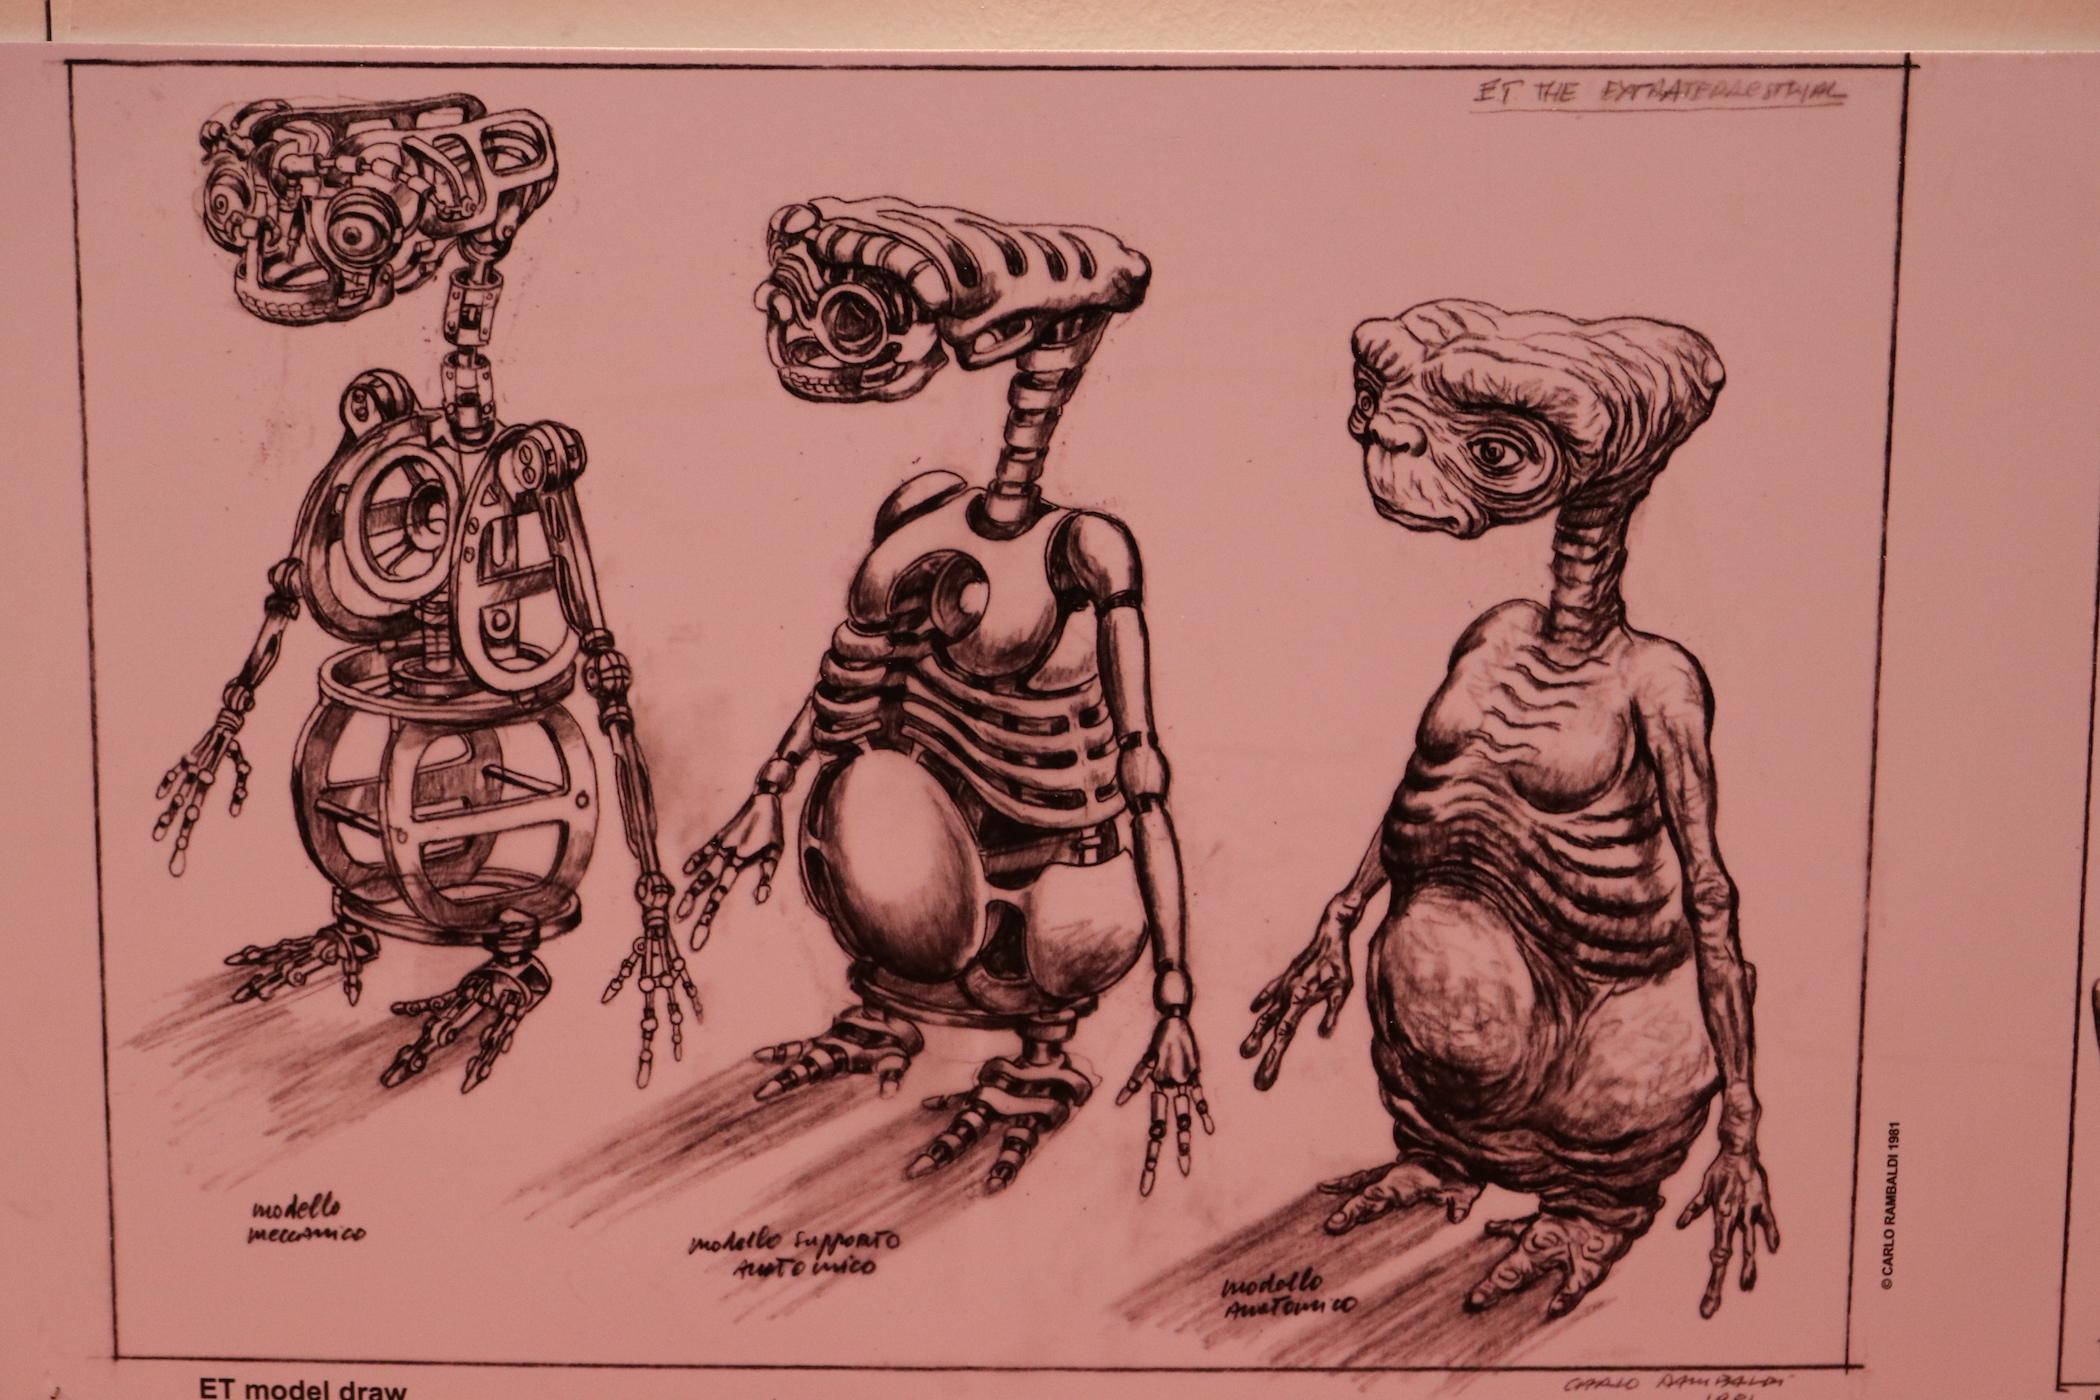 Romics 2017: studi anatomici di E.T. alla mostra dedicata a Carlo Rambaldi